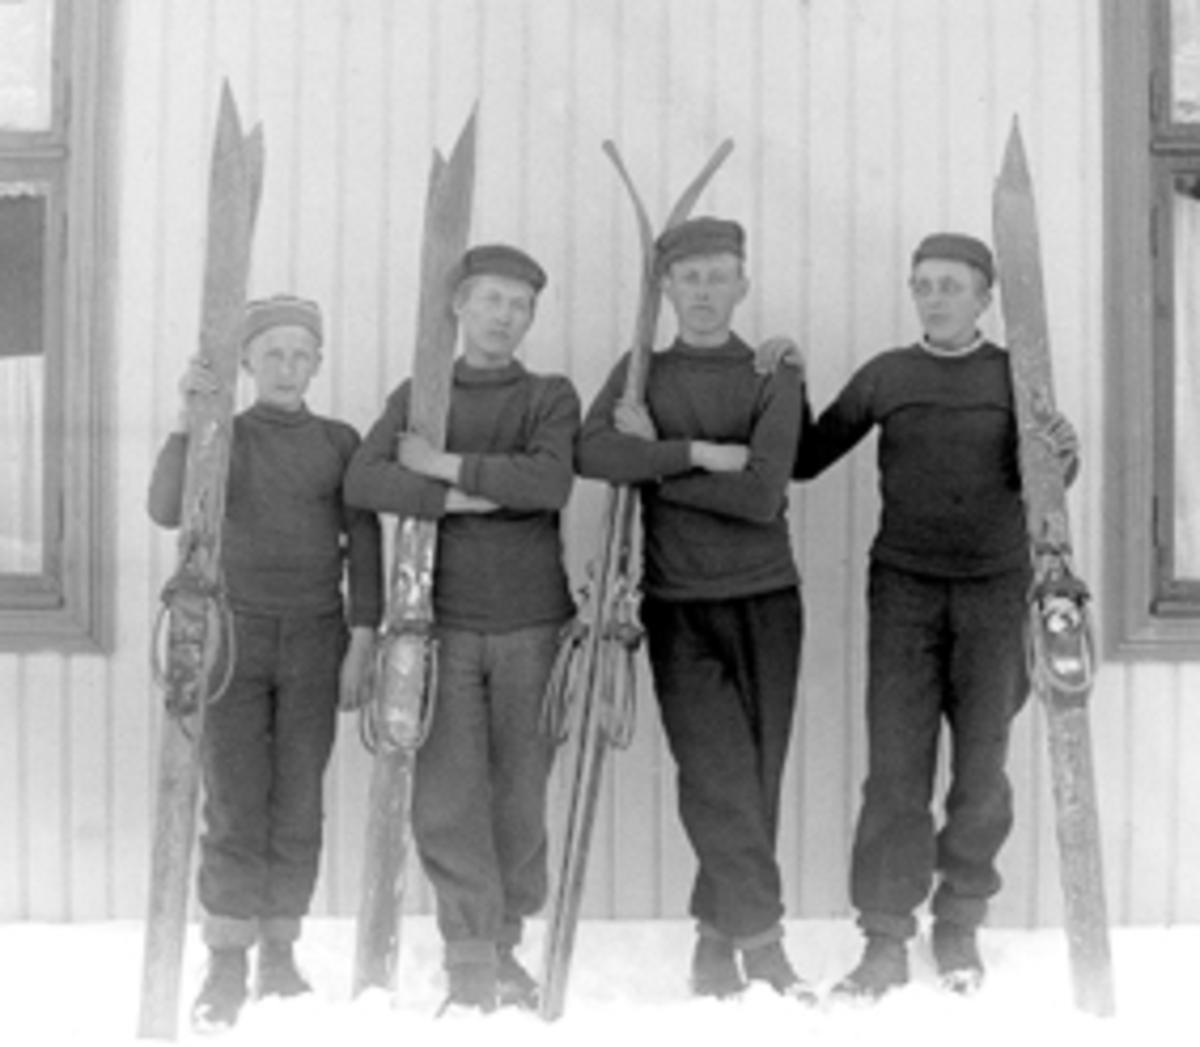 GRUPPE 4 GUTTER MED SKI, SKIBINDINGER. Ole Hjelt er avbildet helt til høyre i bildet.